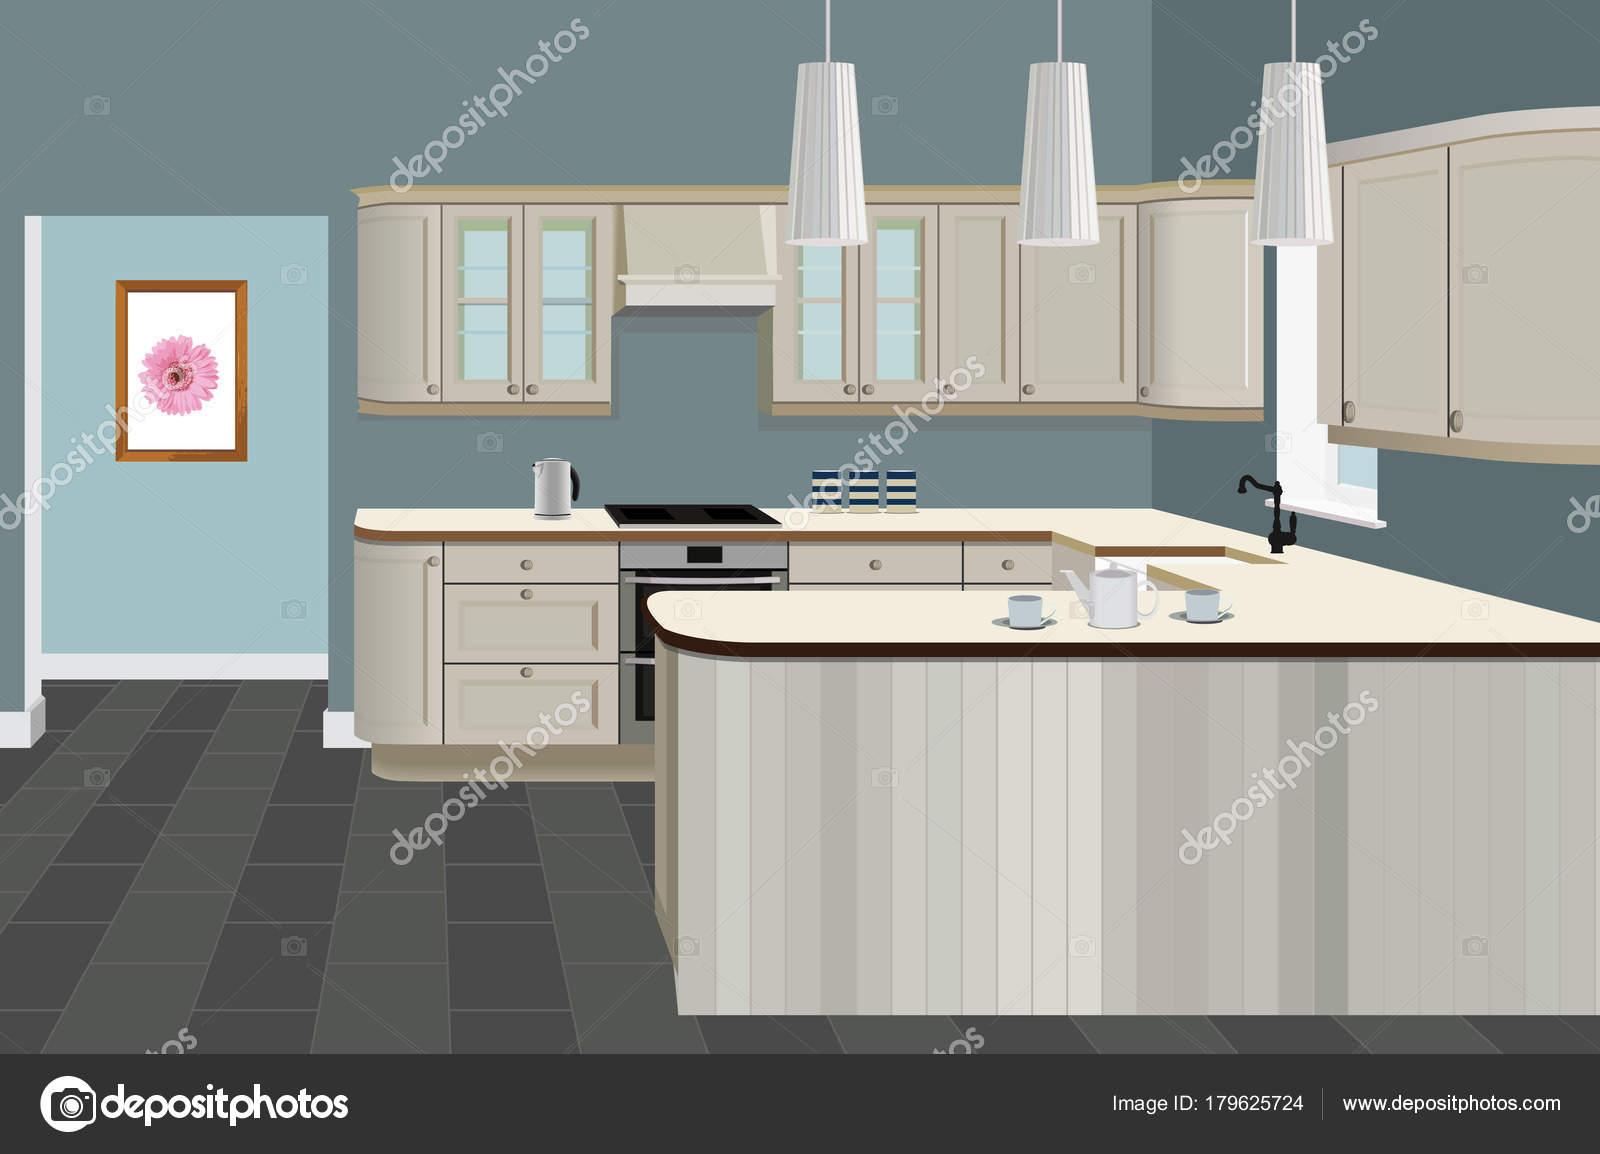 Imágenes: muebles cocina | Fondo interior de la cocina con muebles ...